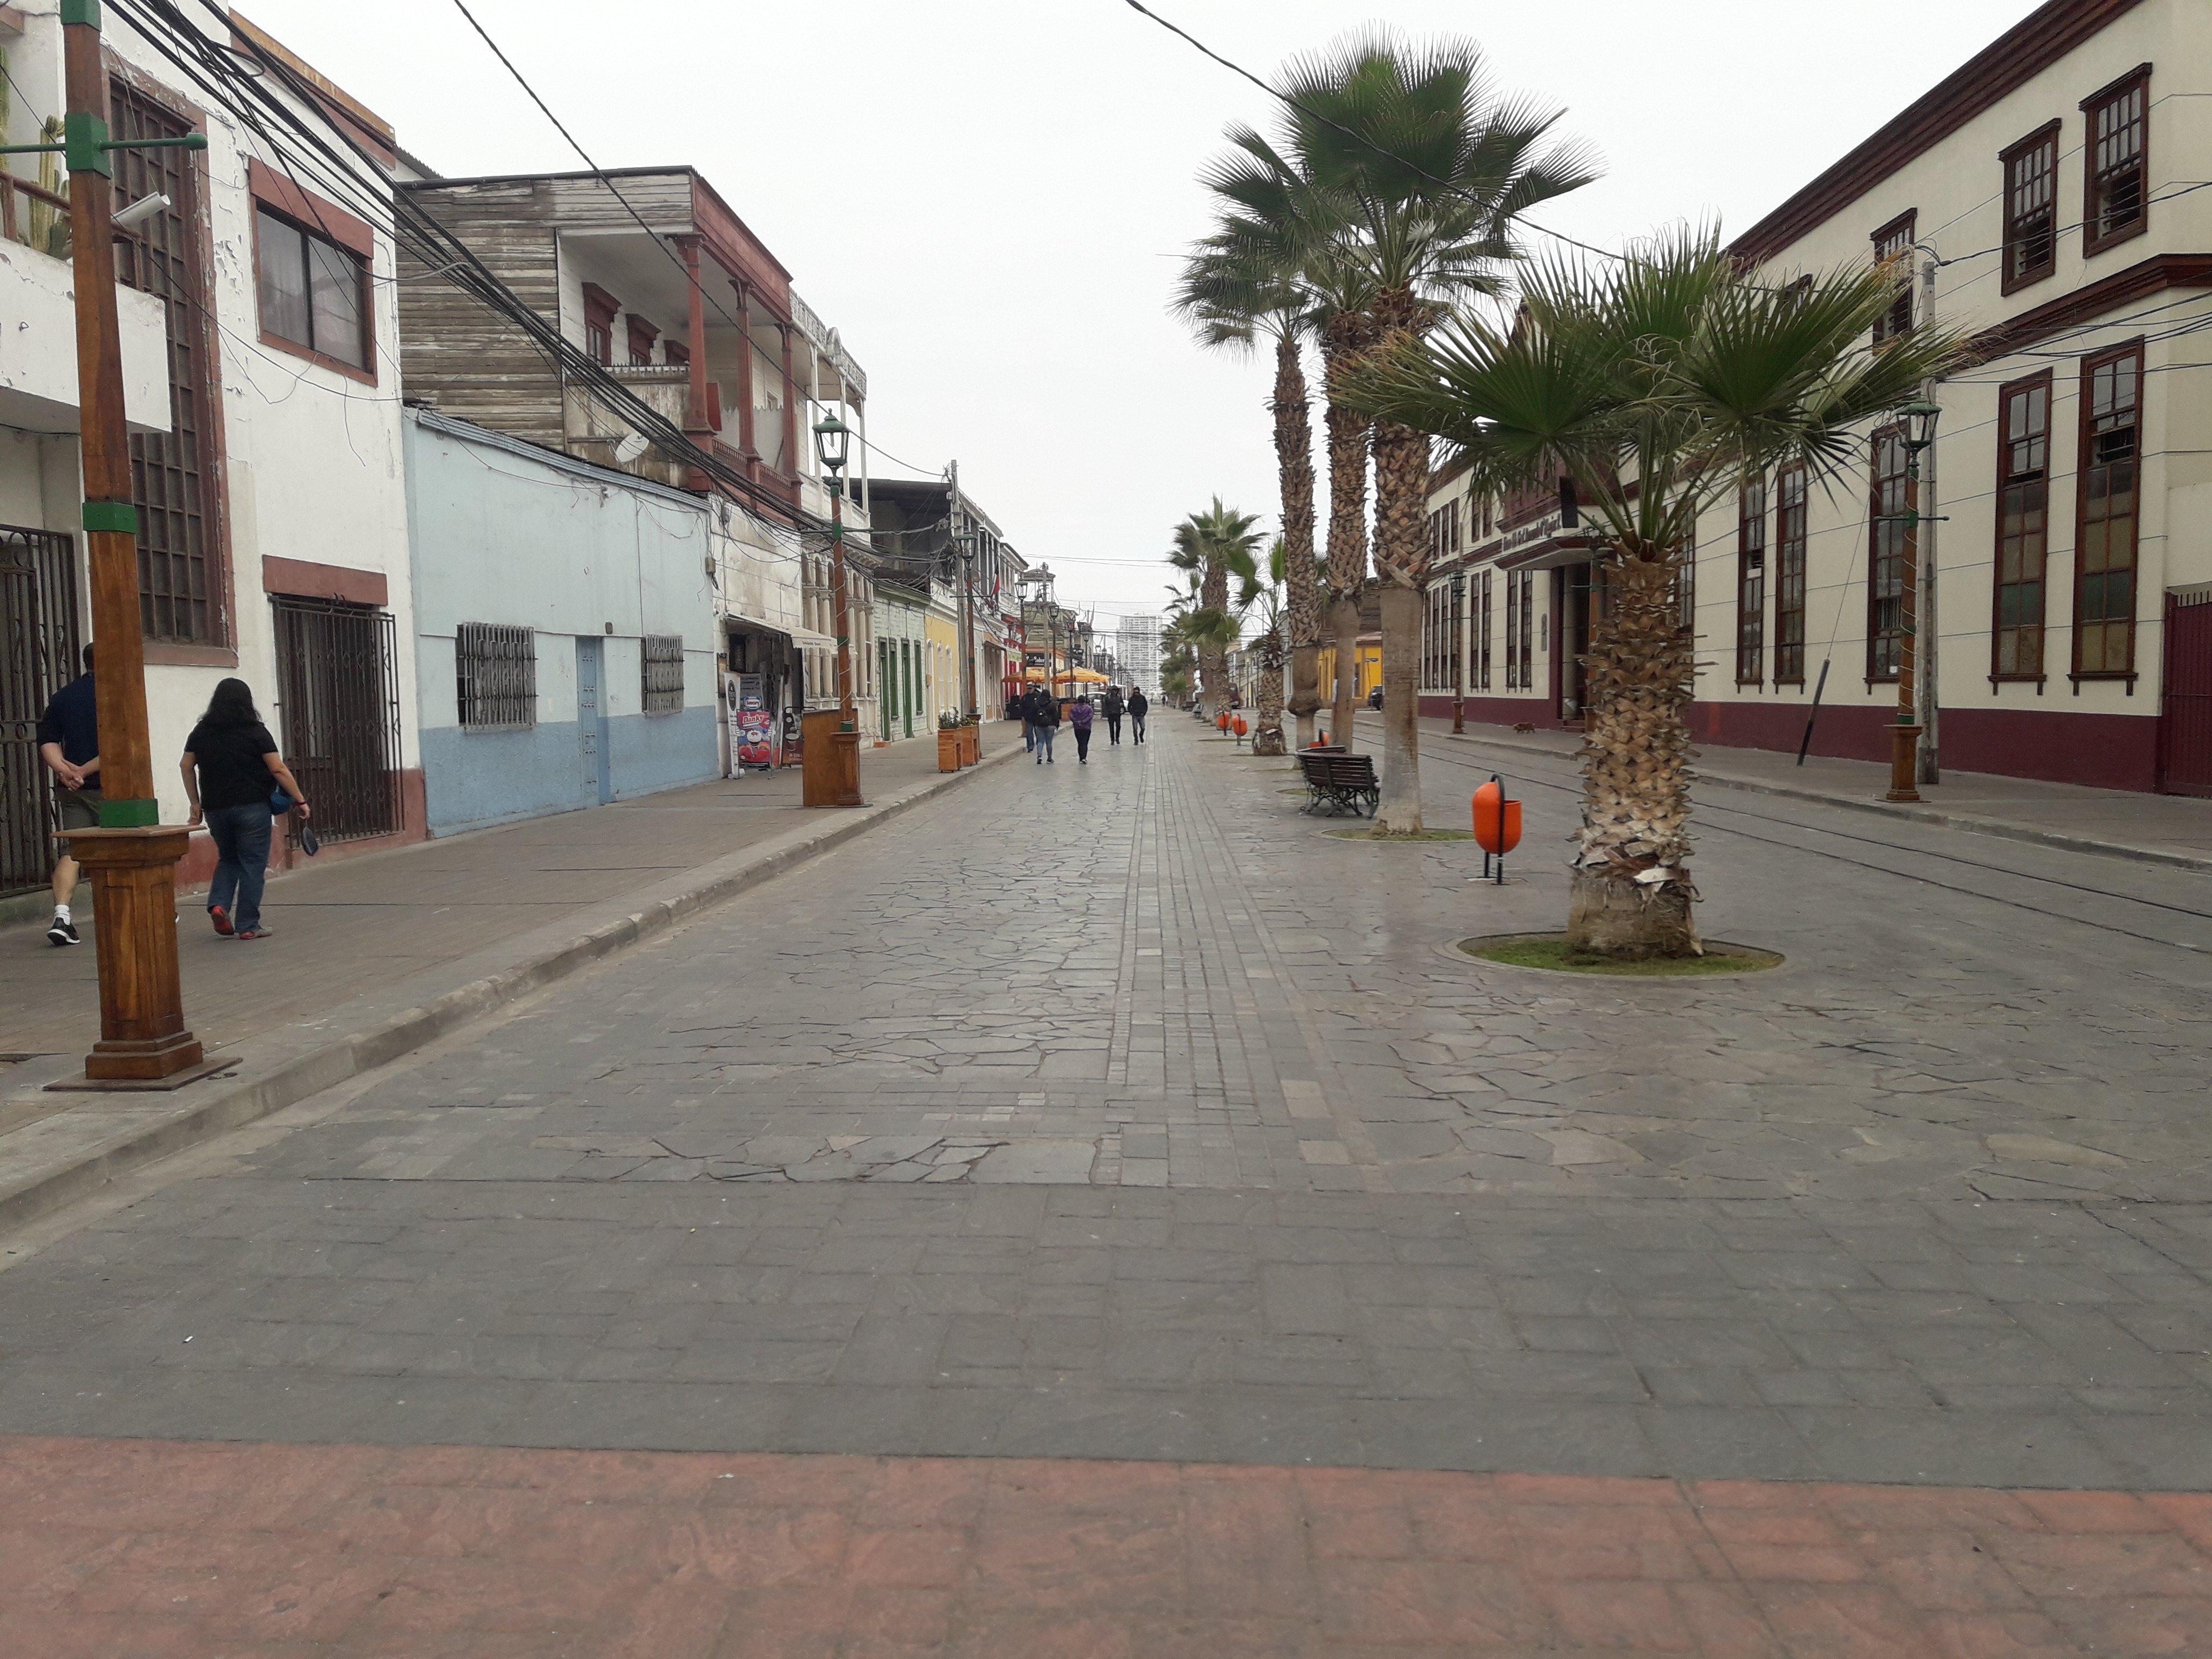 vista del paseo peatonal con palmeras en el centro de la calzada